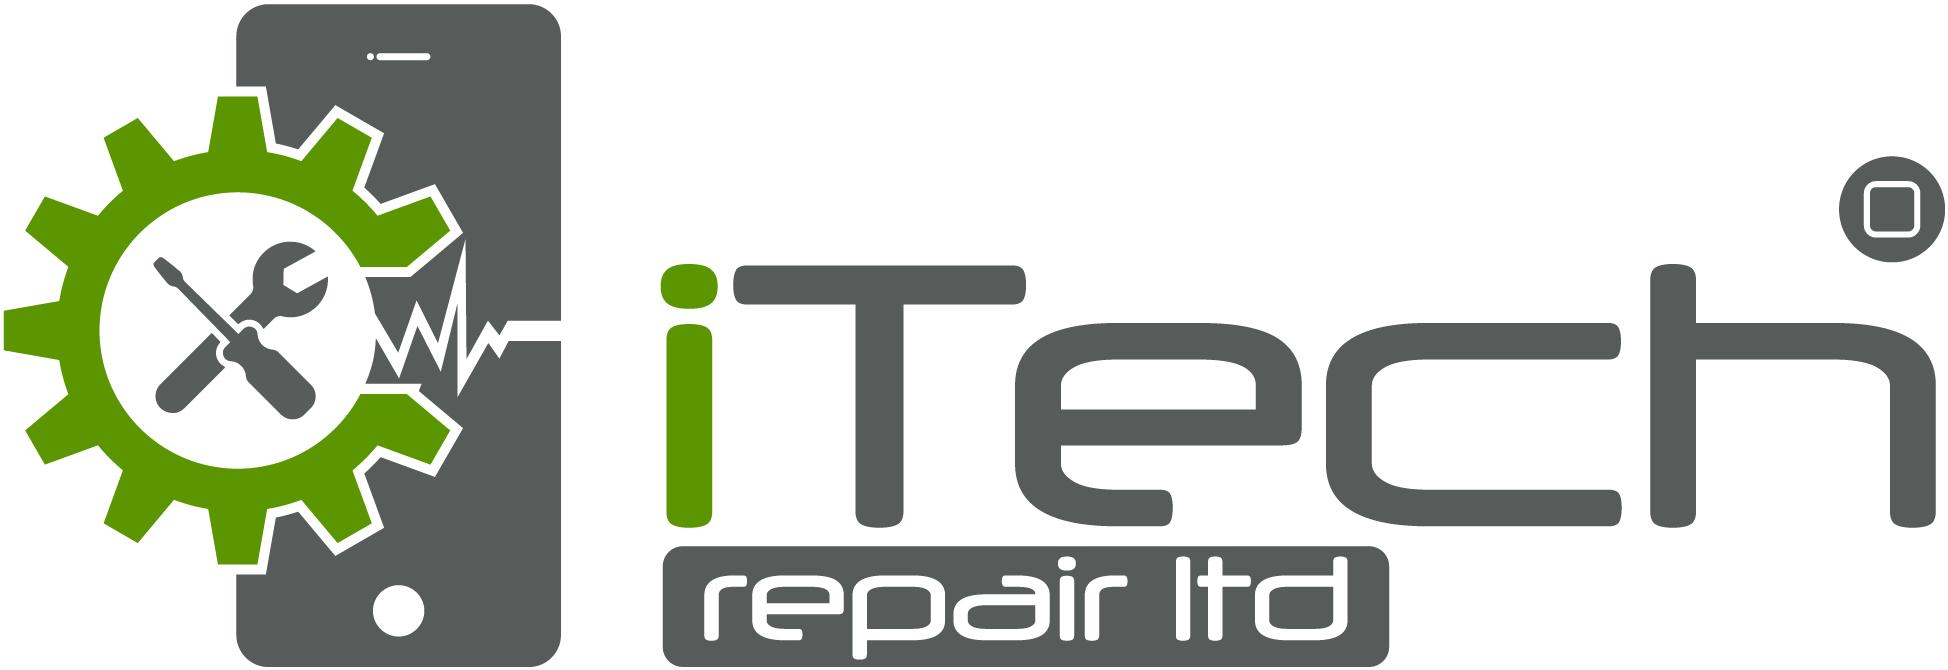 fast uk iphone ipad repair company mobile phone repairs   itech repair ltd